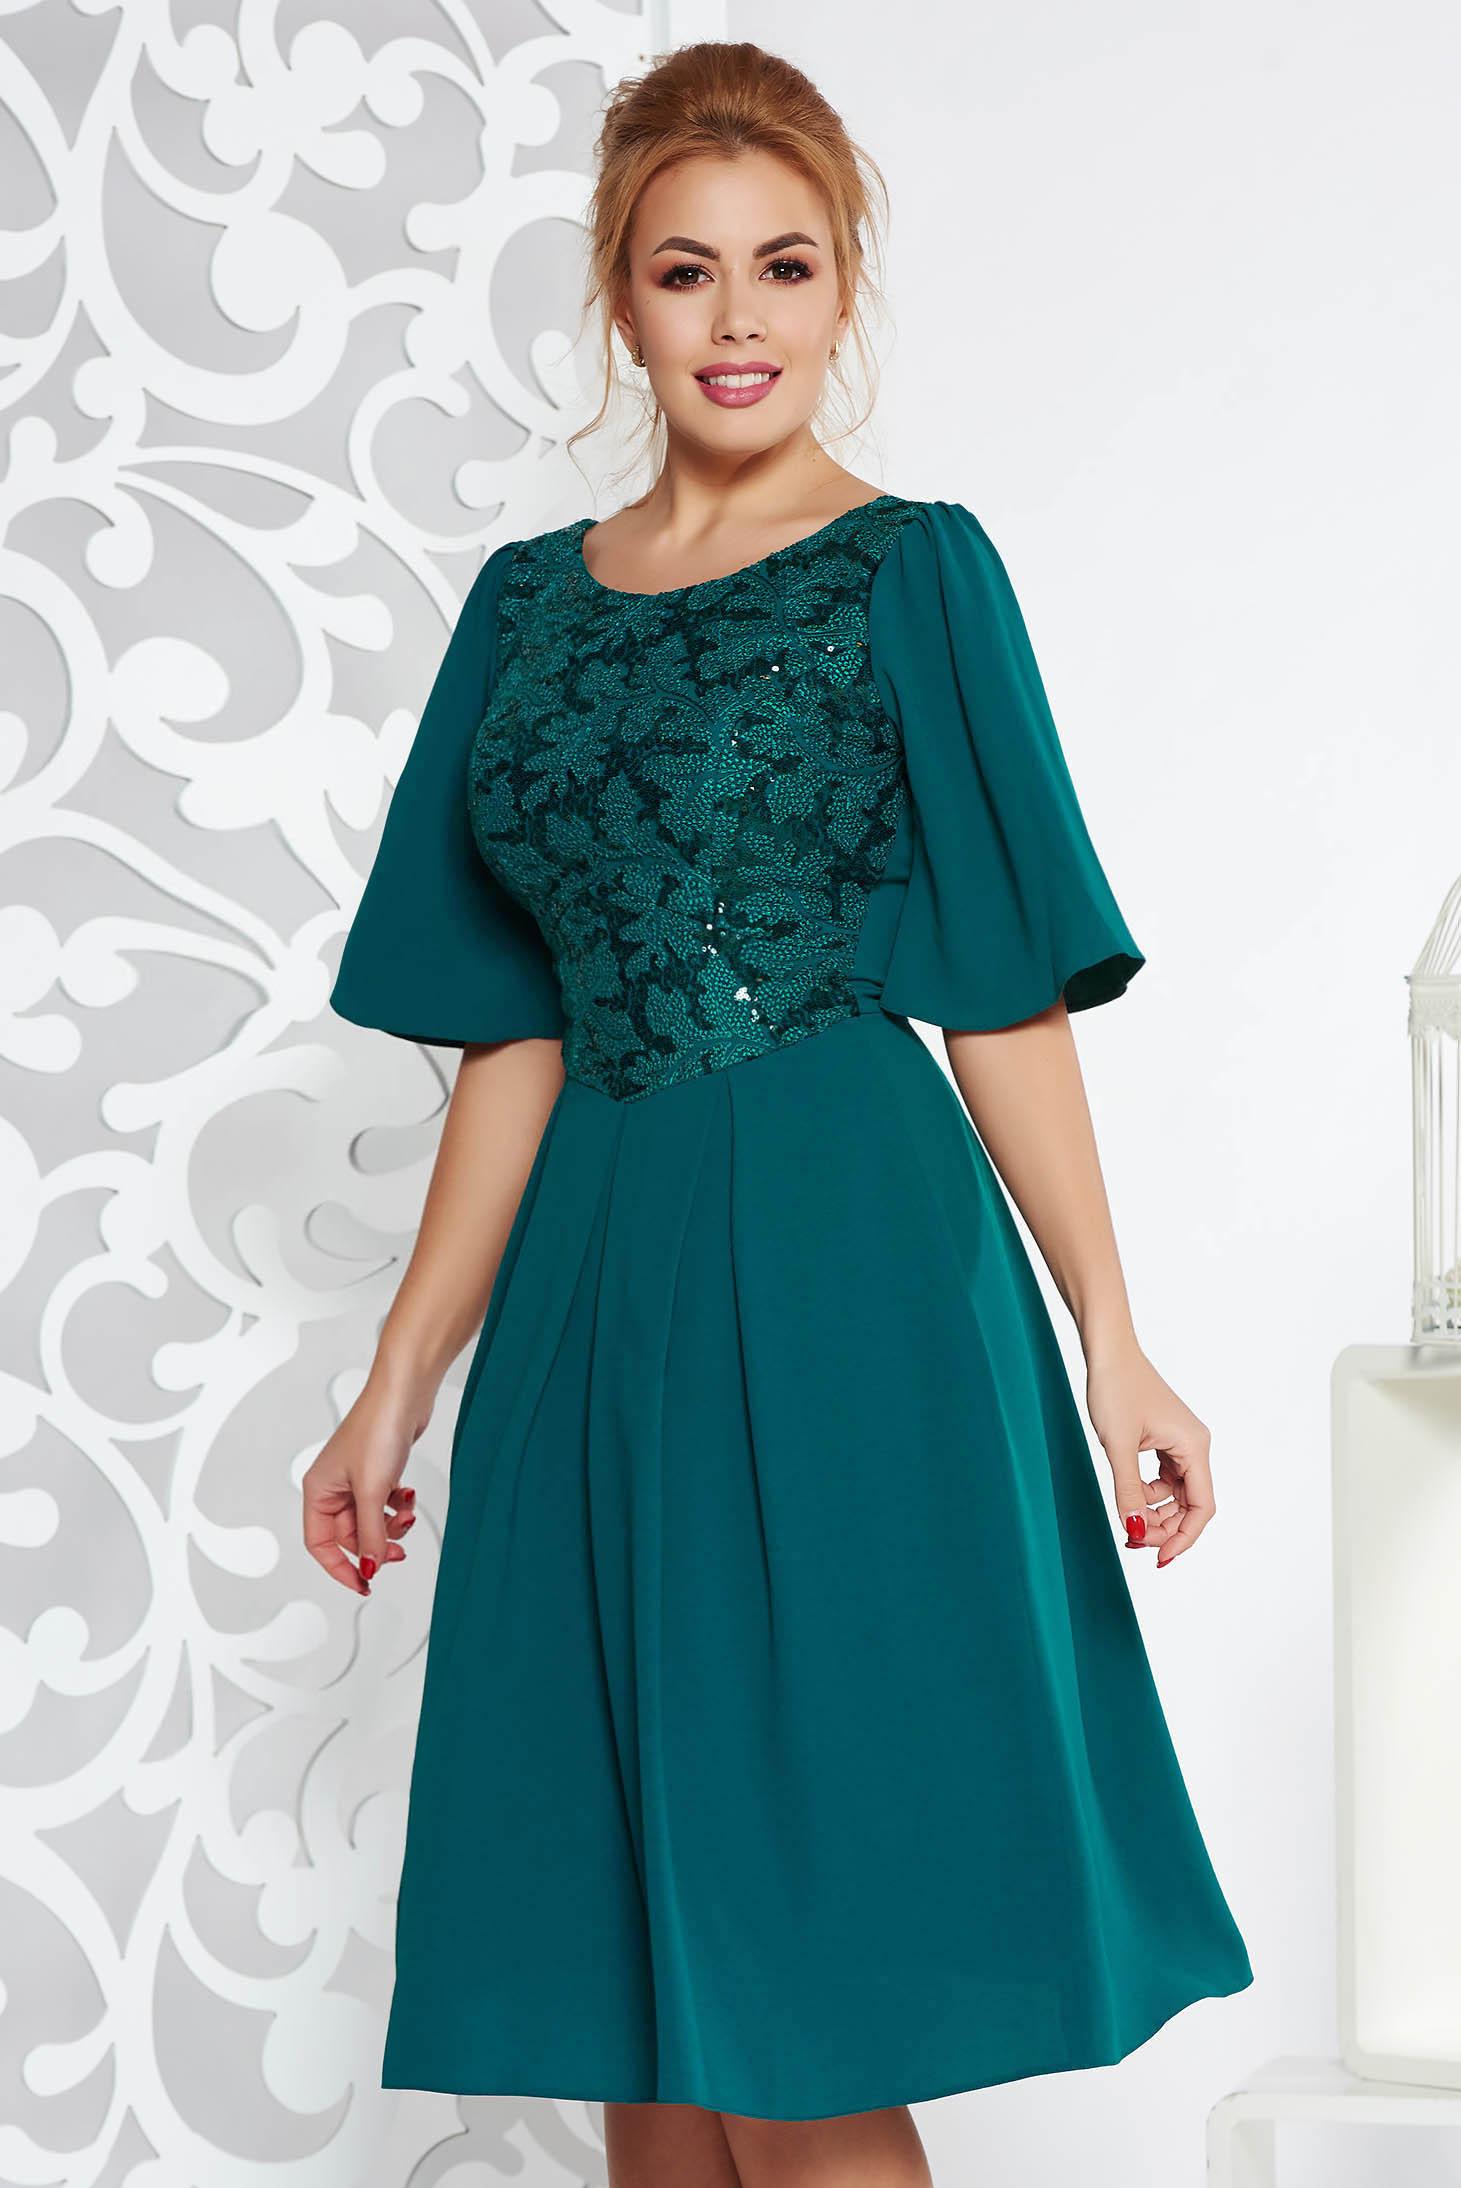 9bf519e0c3 Sötétzöld alkalmi harang ruha enyhén elasztikus szövet belső béléssel flitteres  díszítéssel